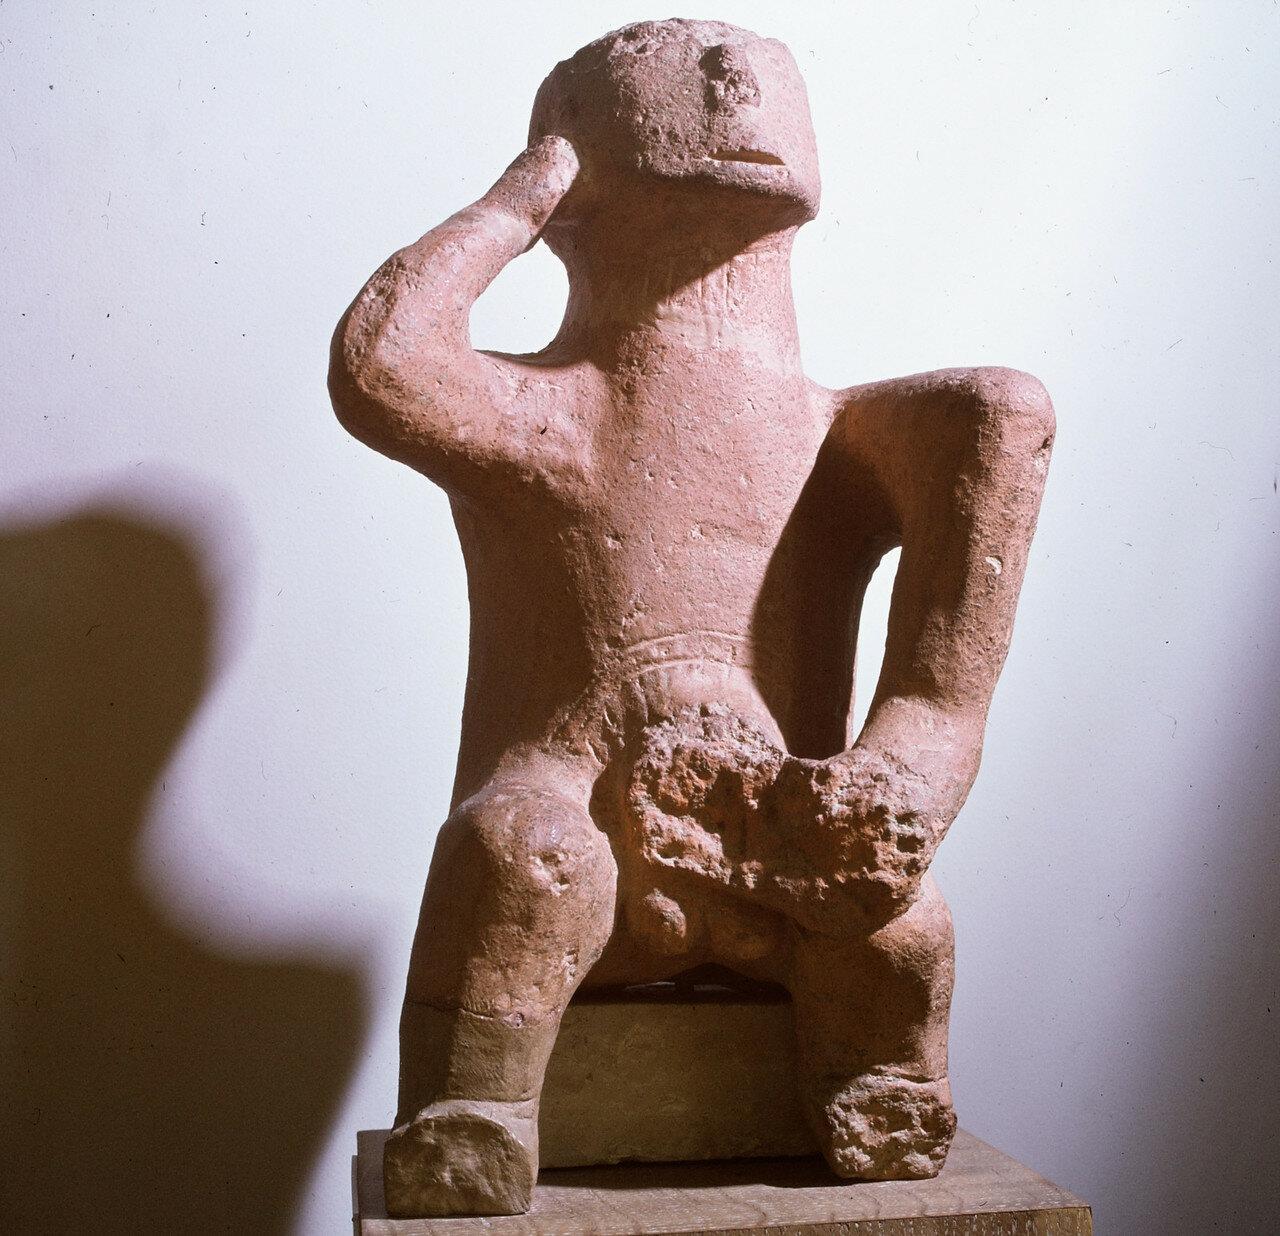 Большой терракотовый идол. Фессалия, бронзовый век, третье тысячелетие до н.э.